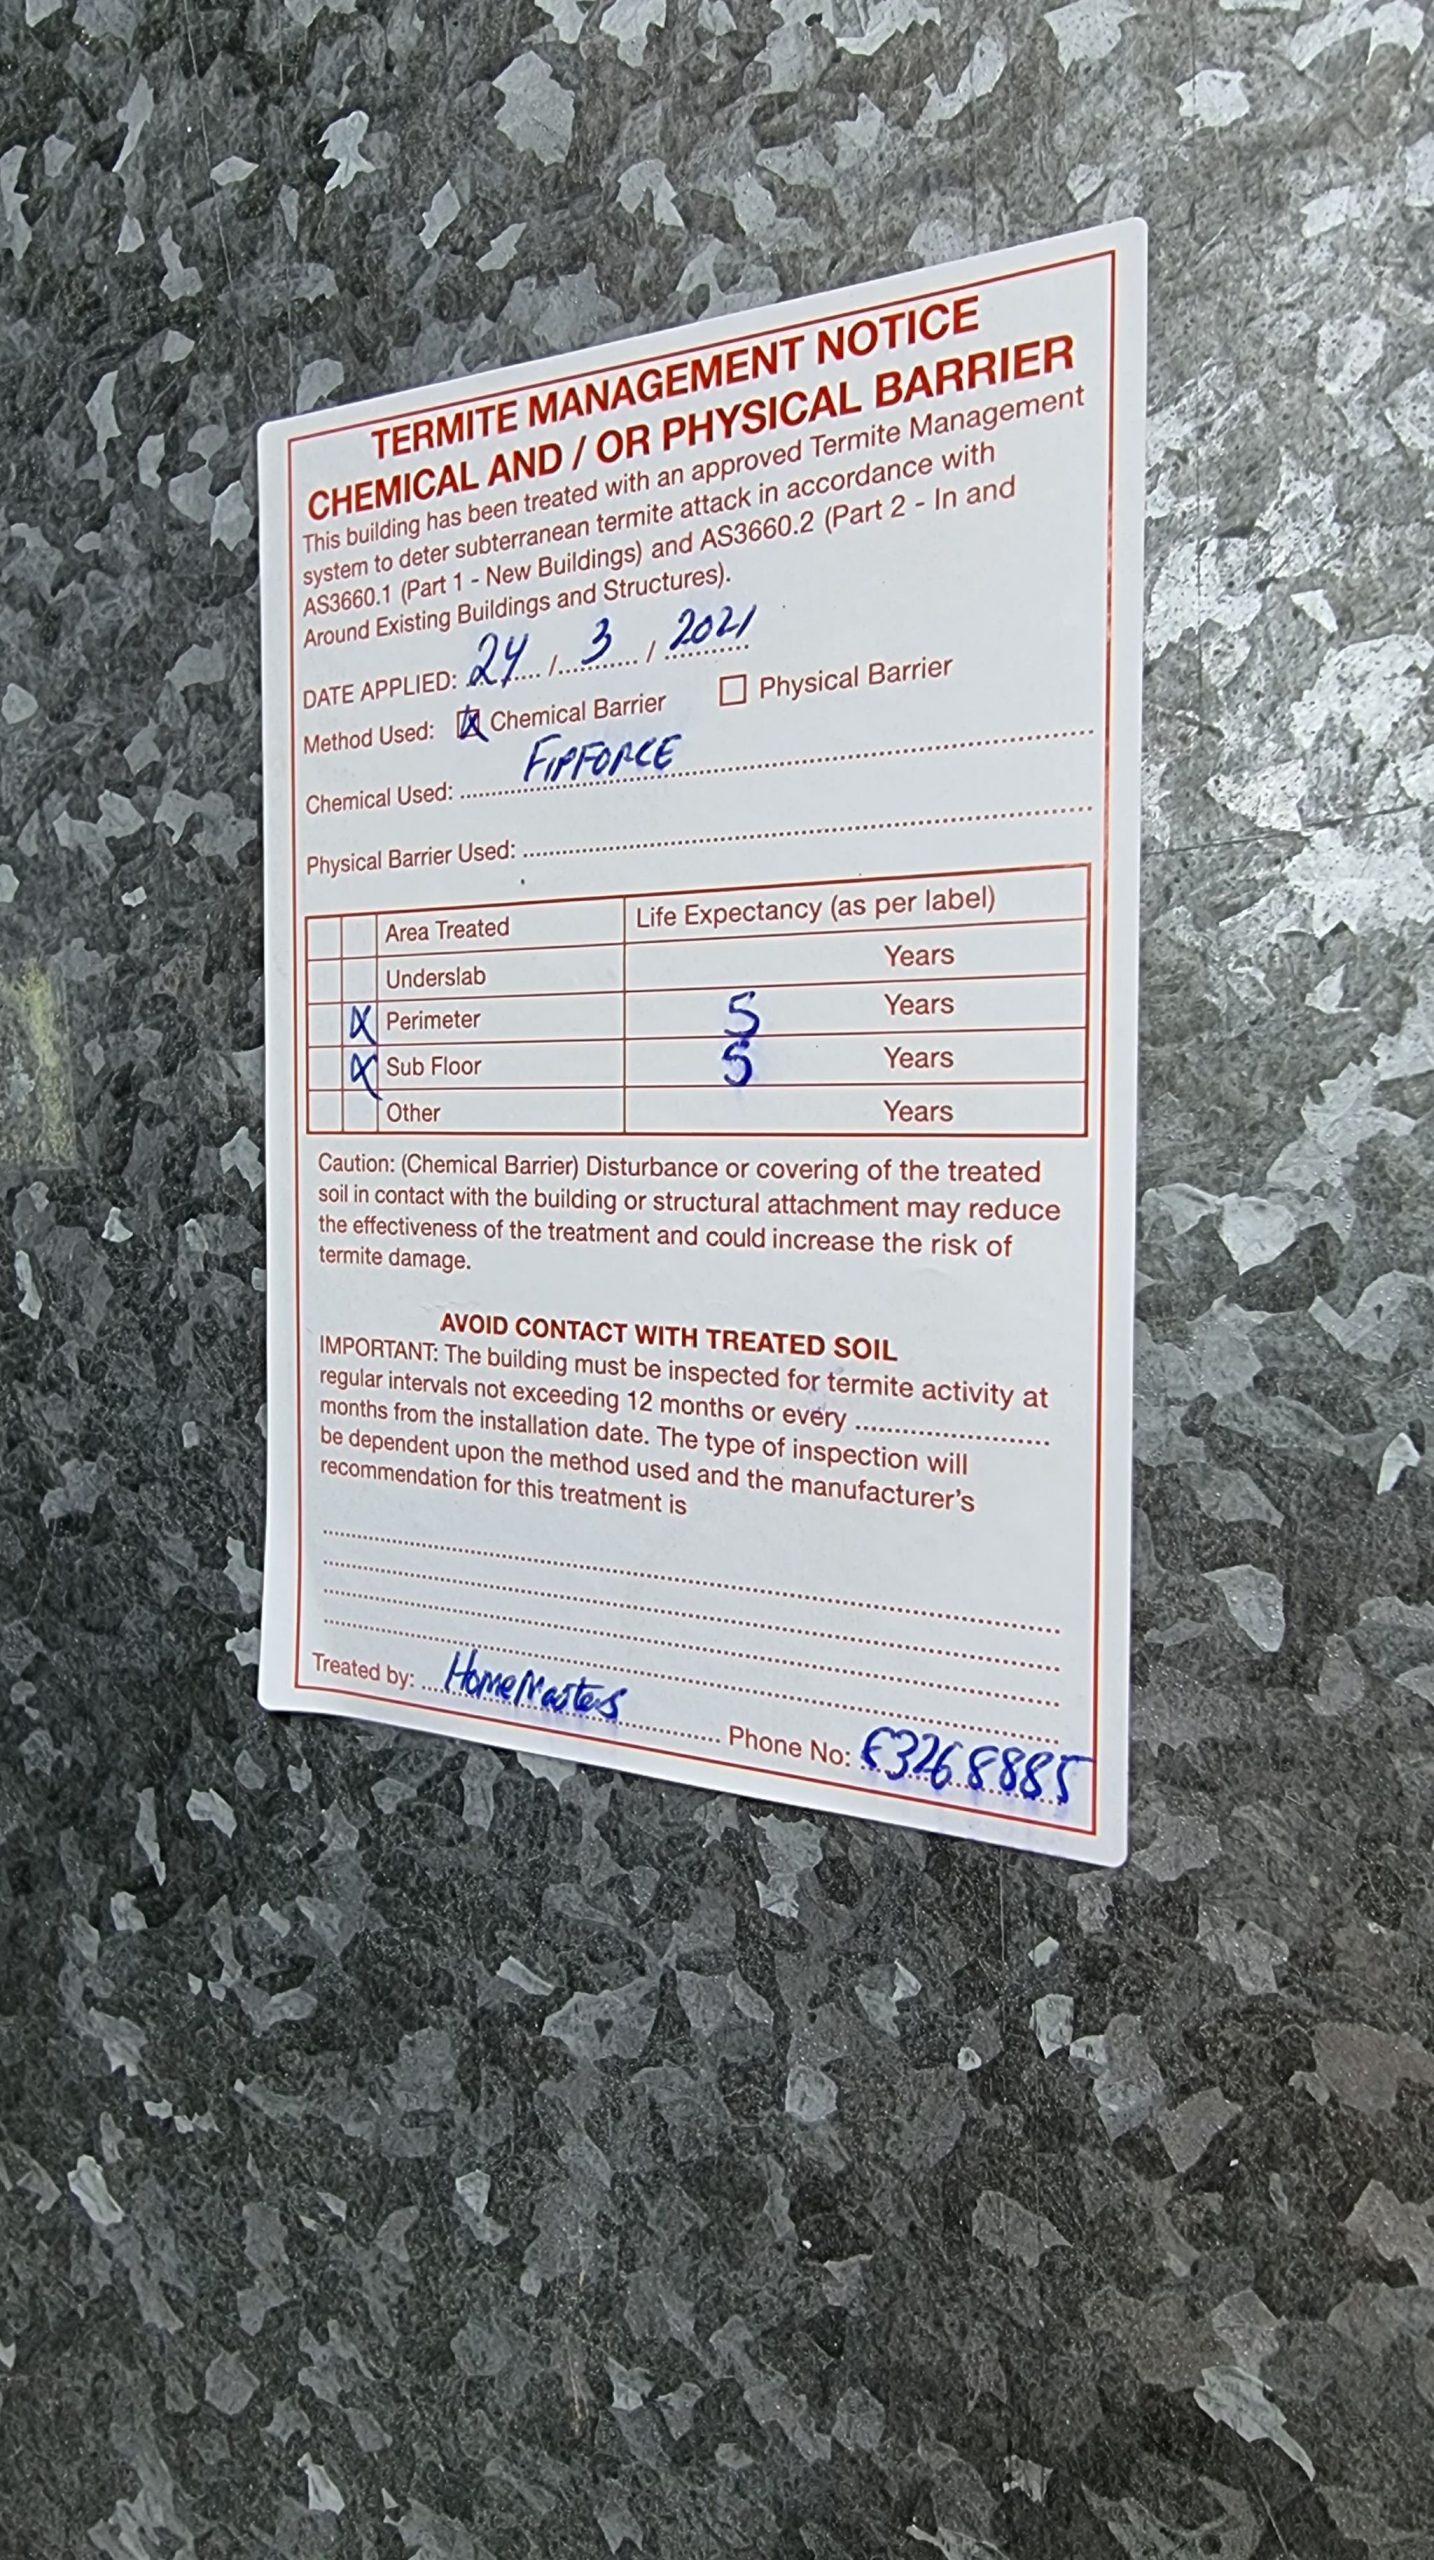 Example termite management notice